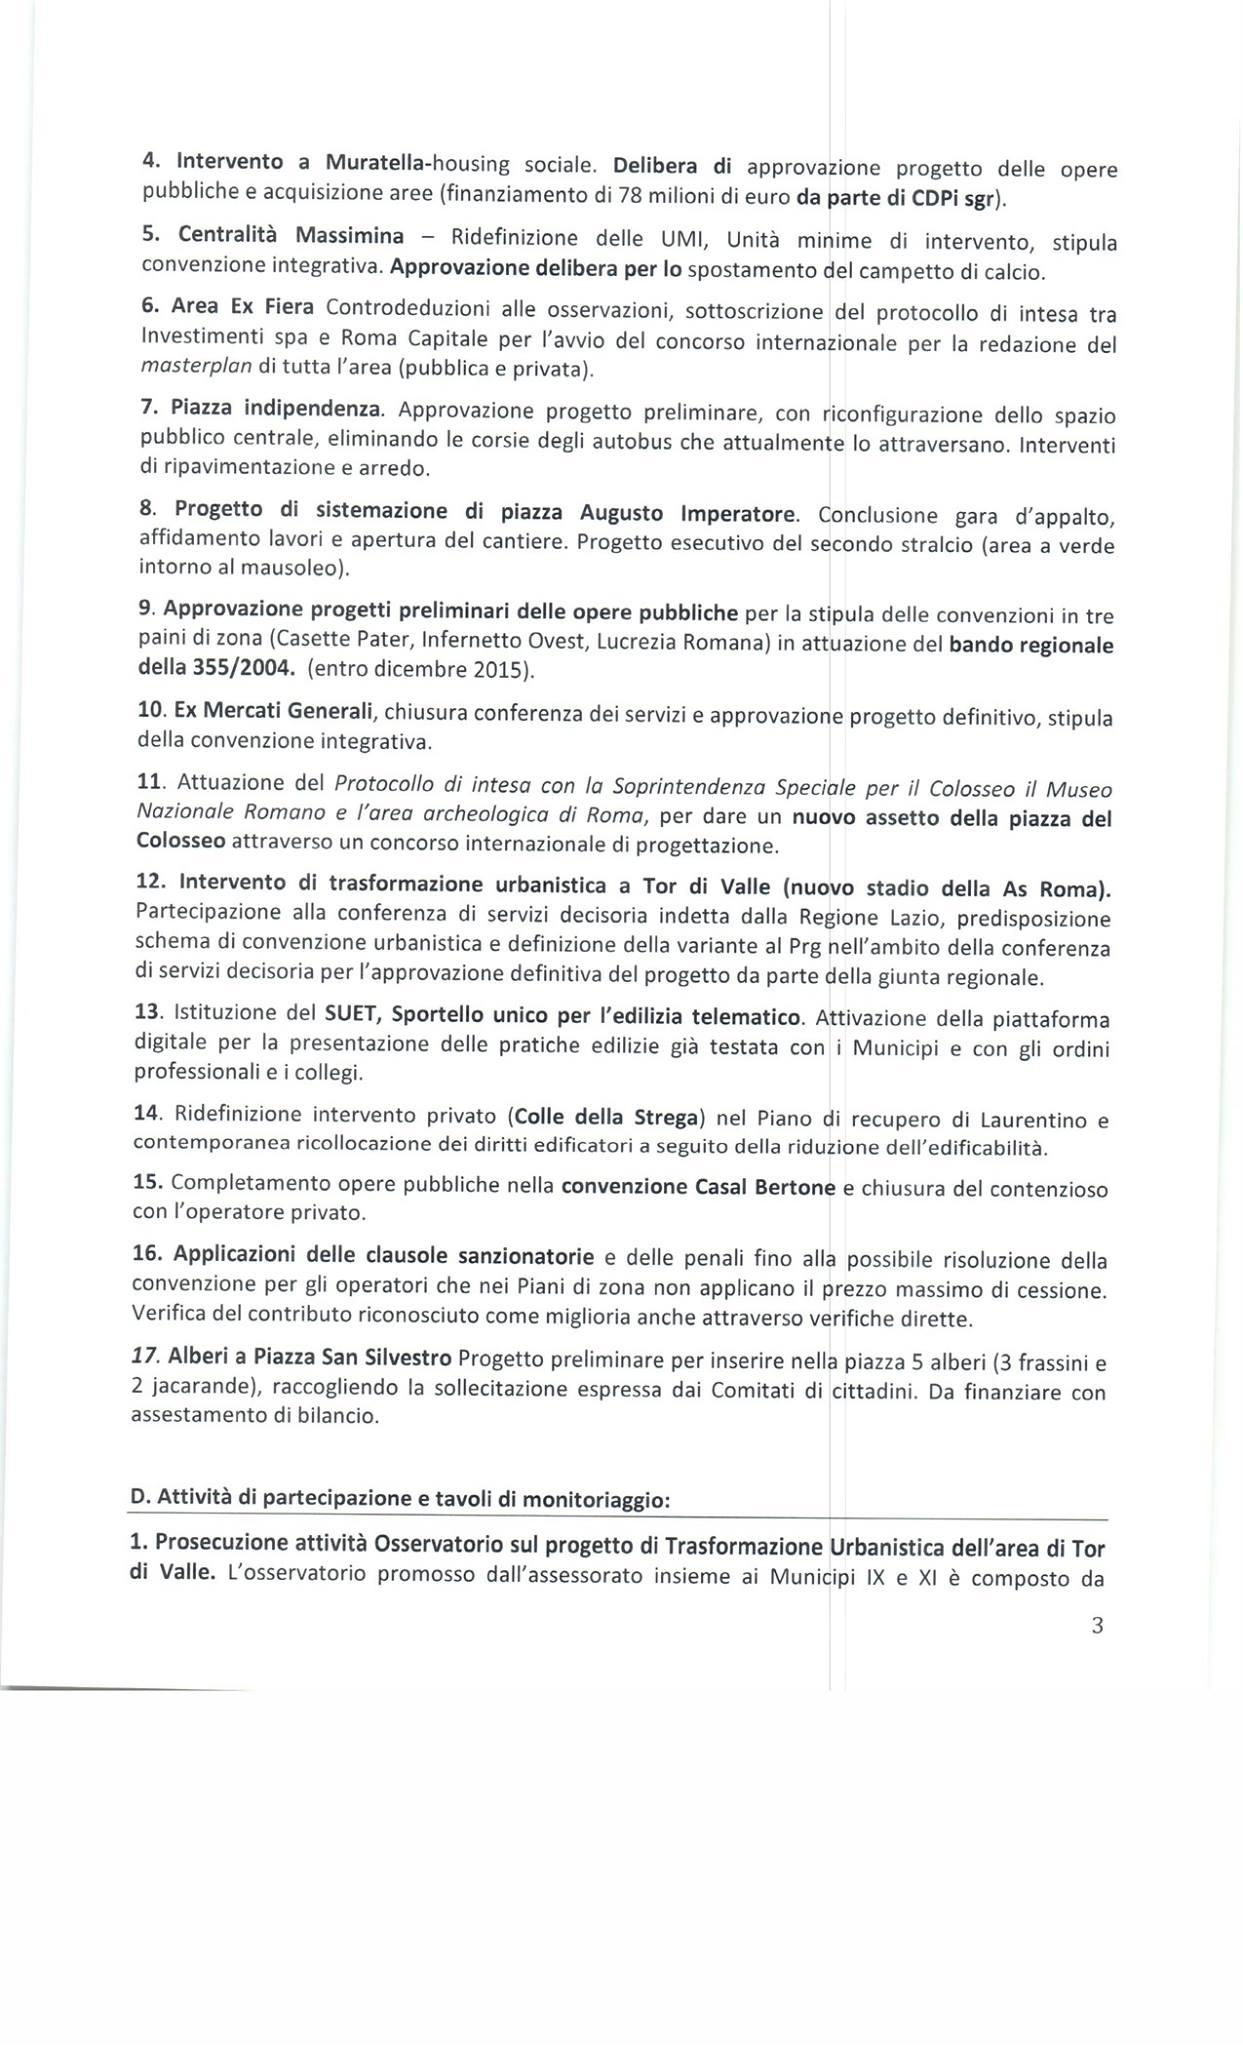 lettera Caudo a commissario 3